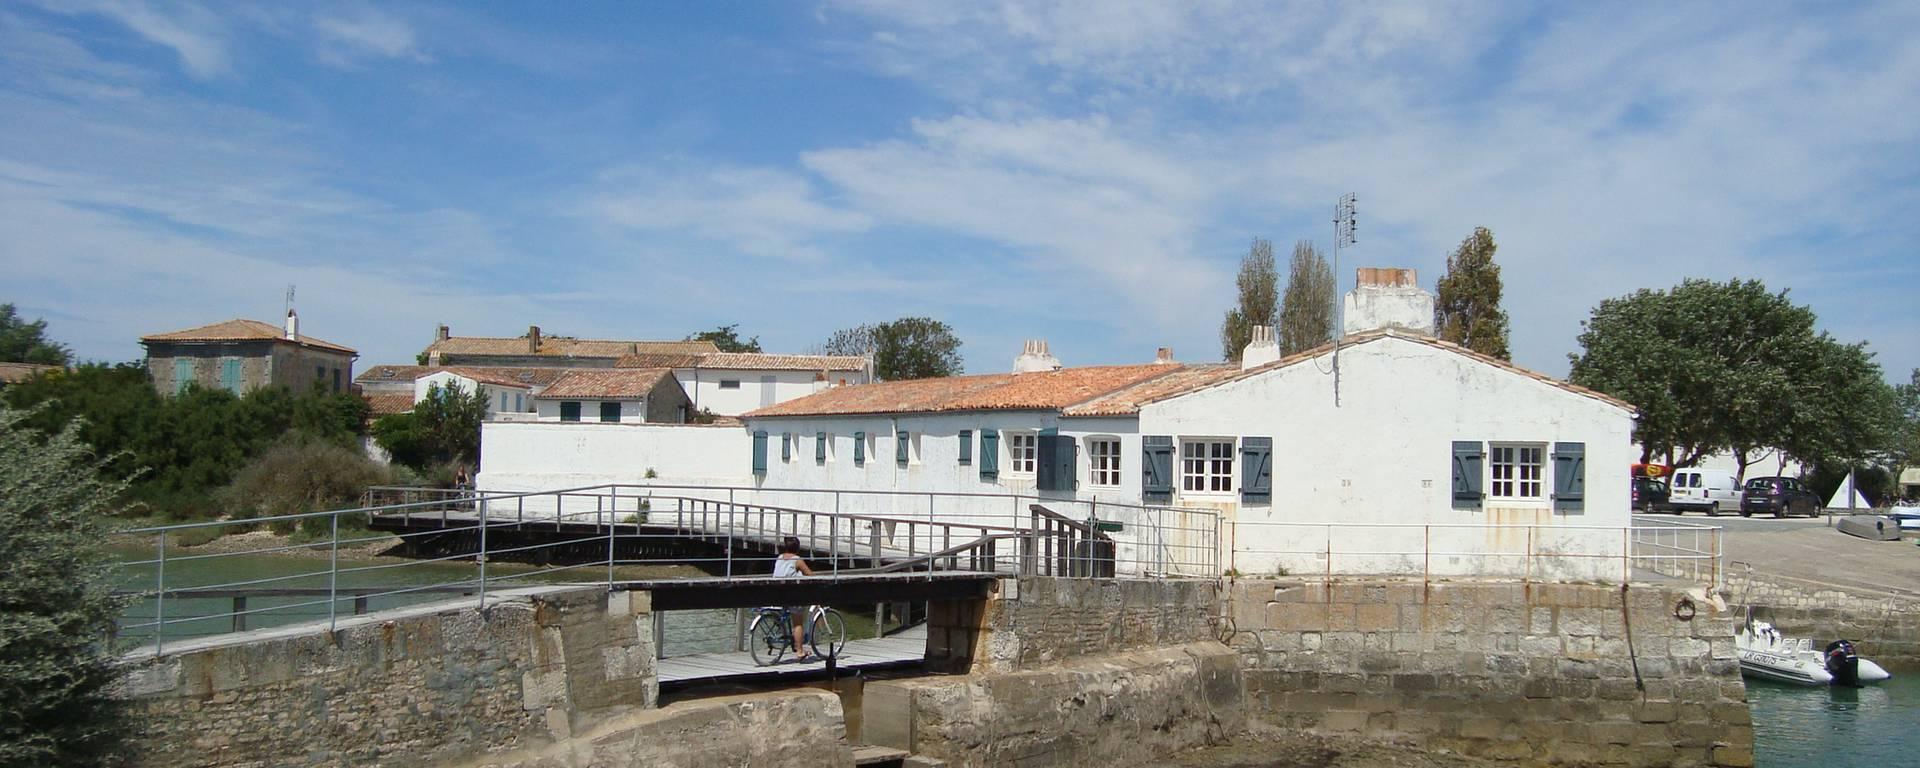 Ecluse sur le port de Loix, village de l'Ile de Ré par S.Nadouce